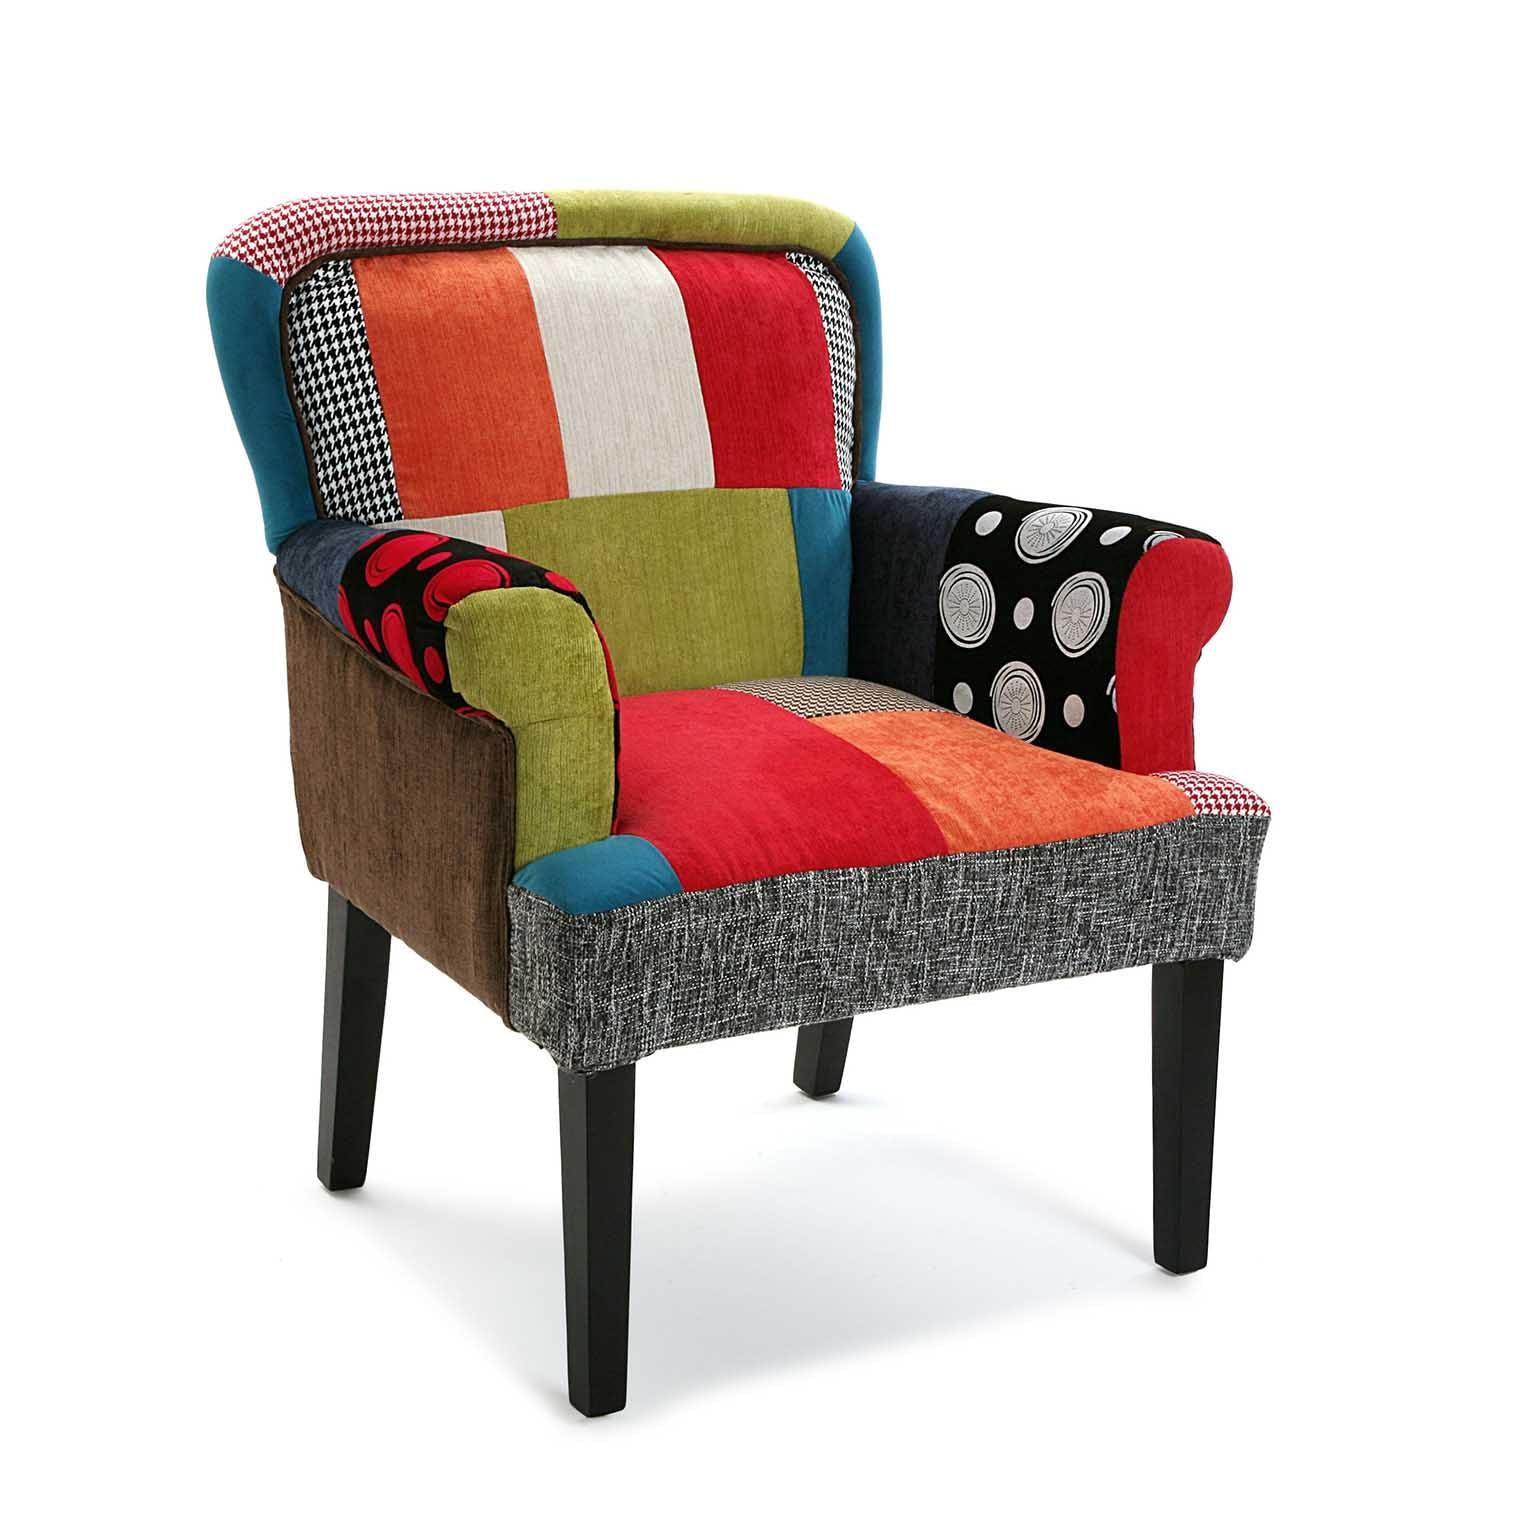 Fauteuil Club en tissu à motif Patchwork coloré 72x71x89cm BARCELONE